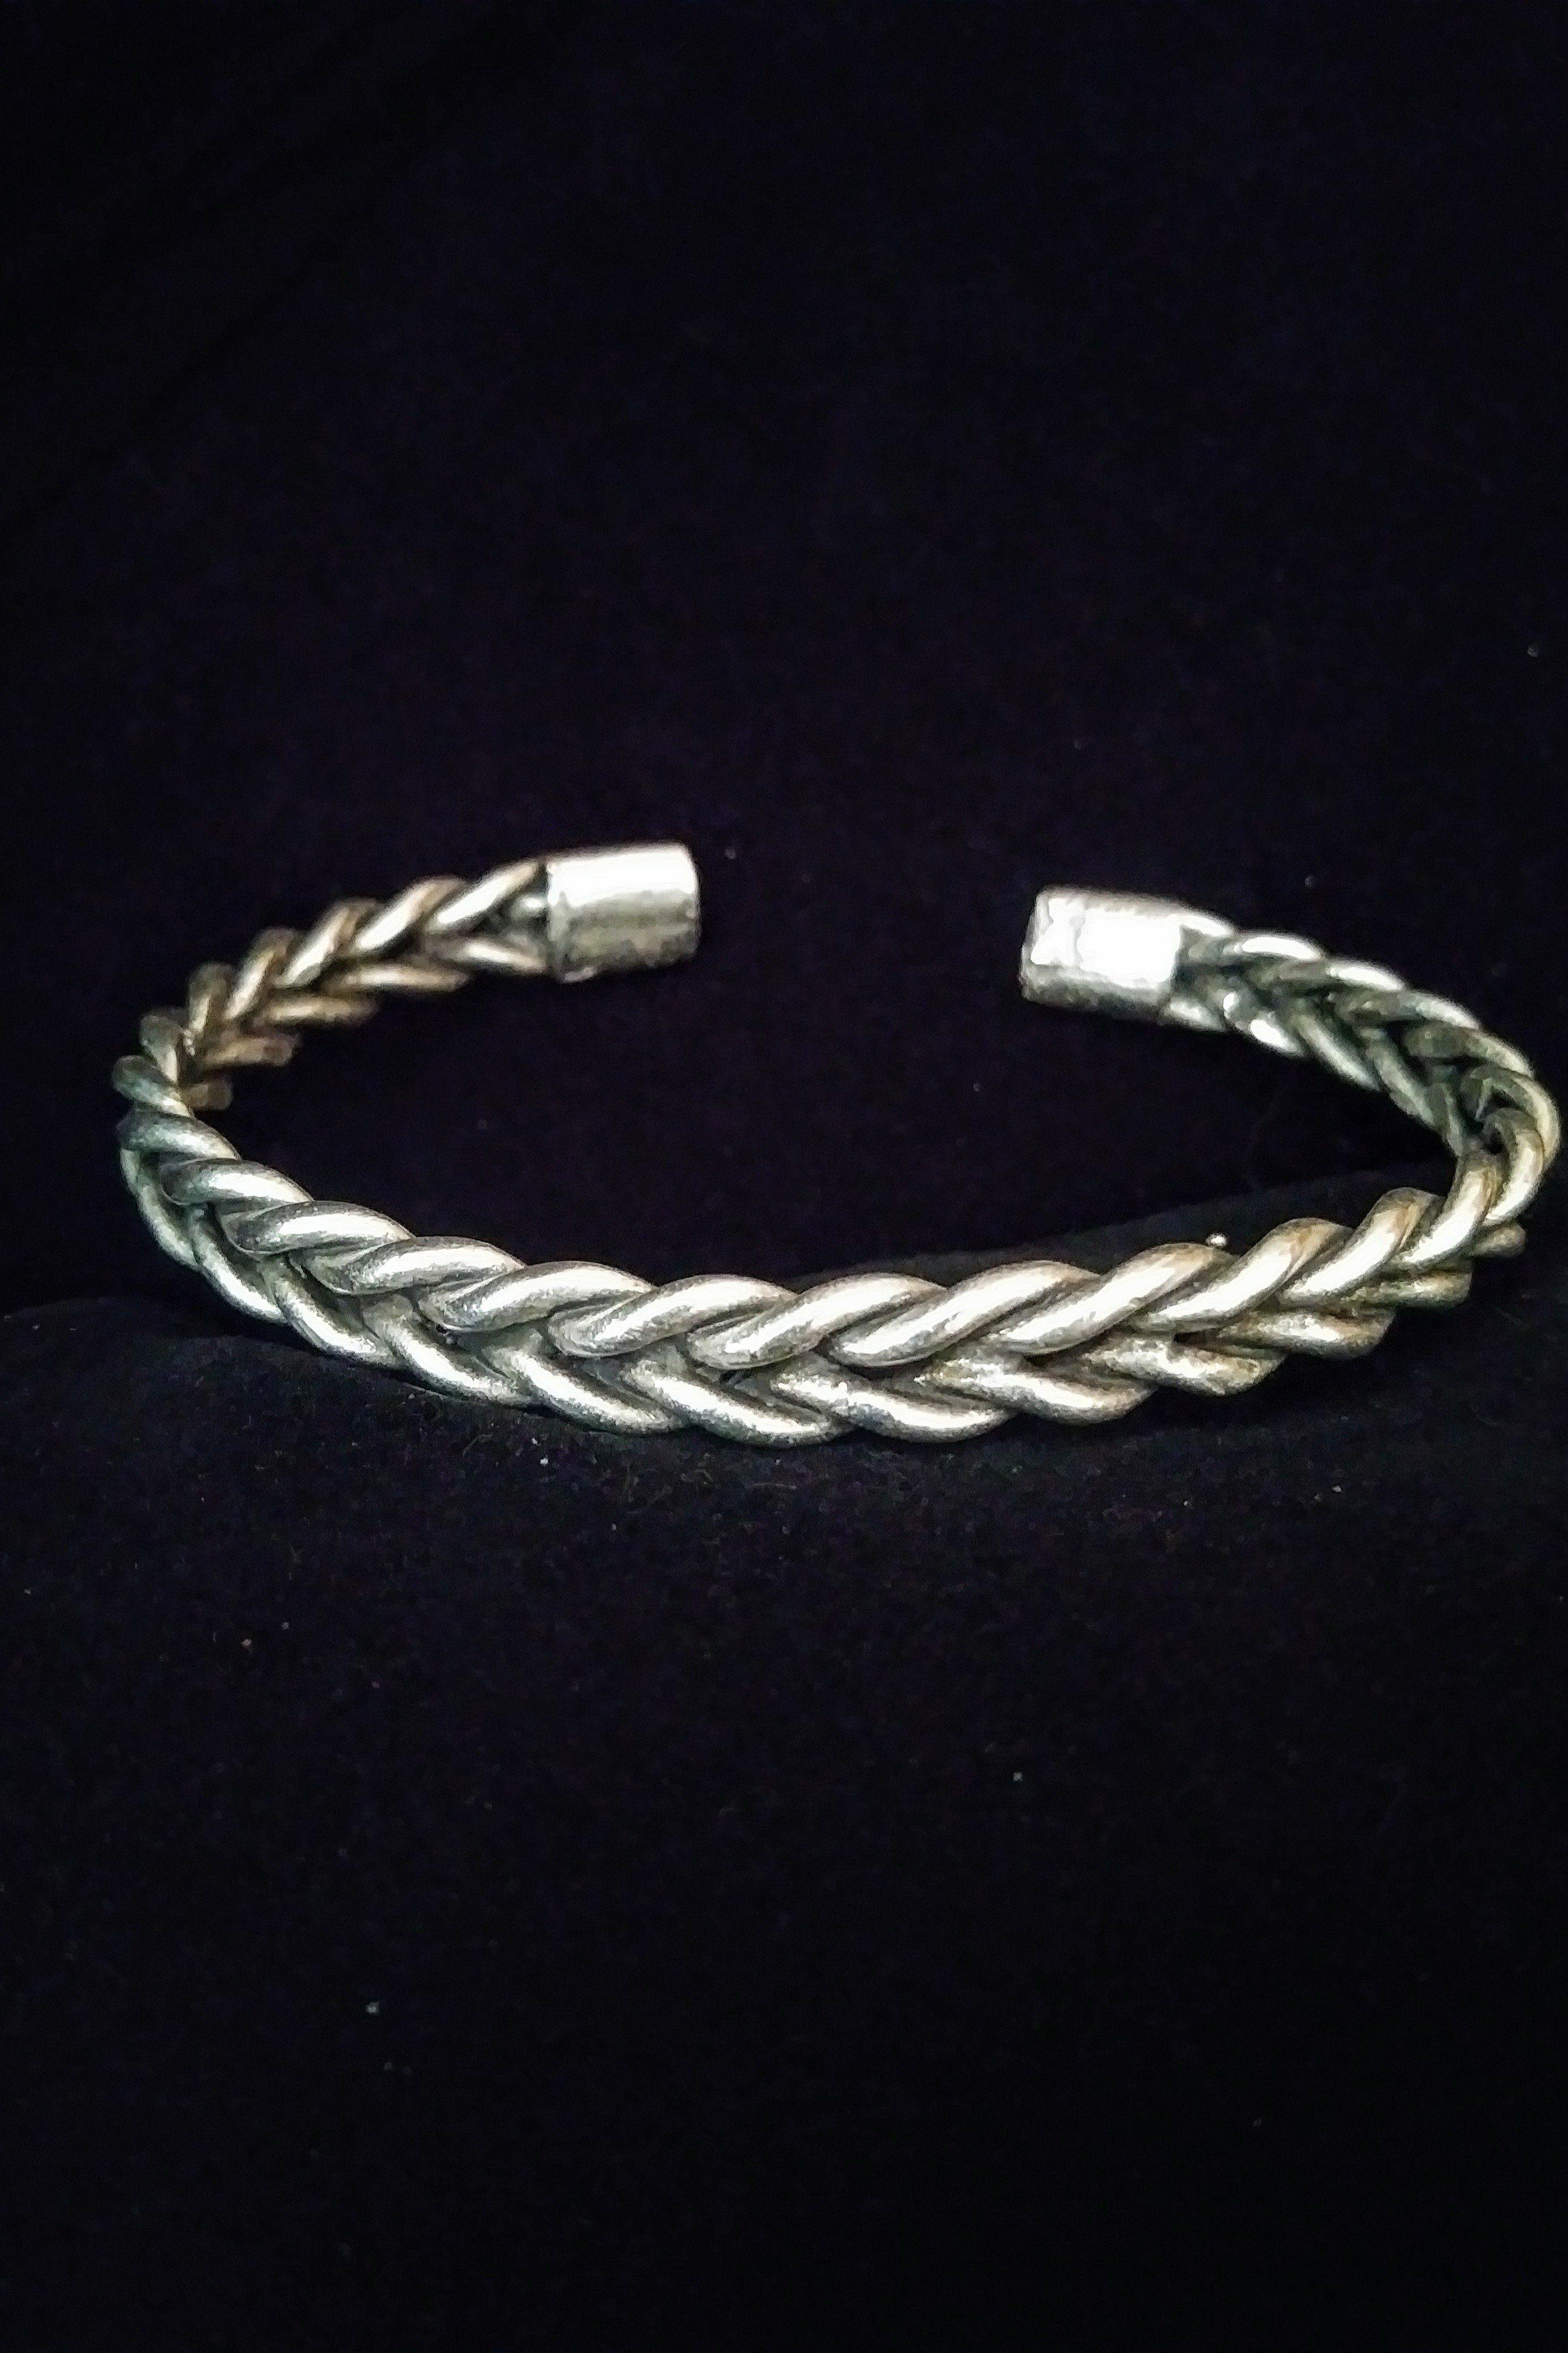 Silver Braid Bracelet Silver Braided Bracelet Jewelry Bracelets Silver Silver Bracelets